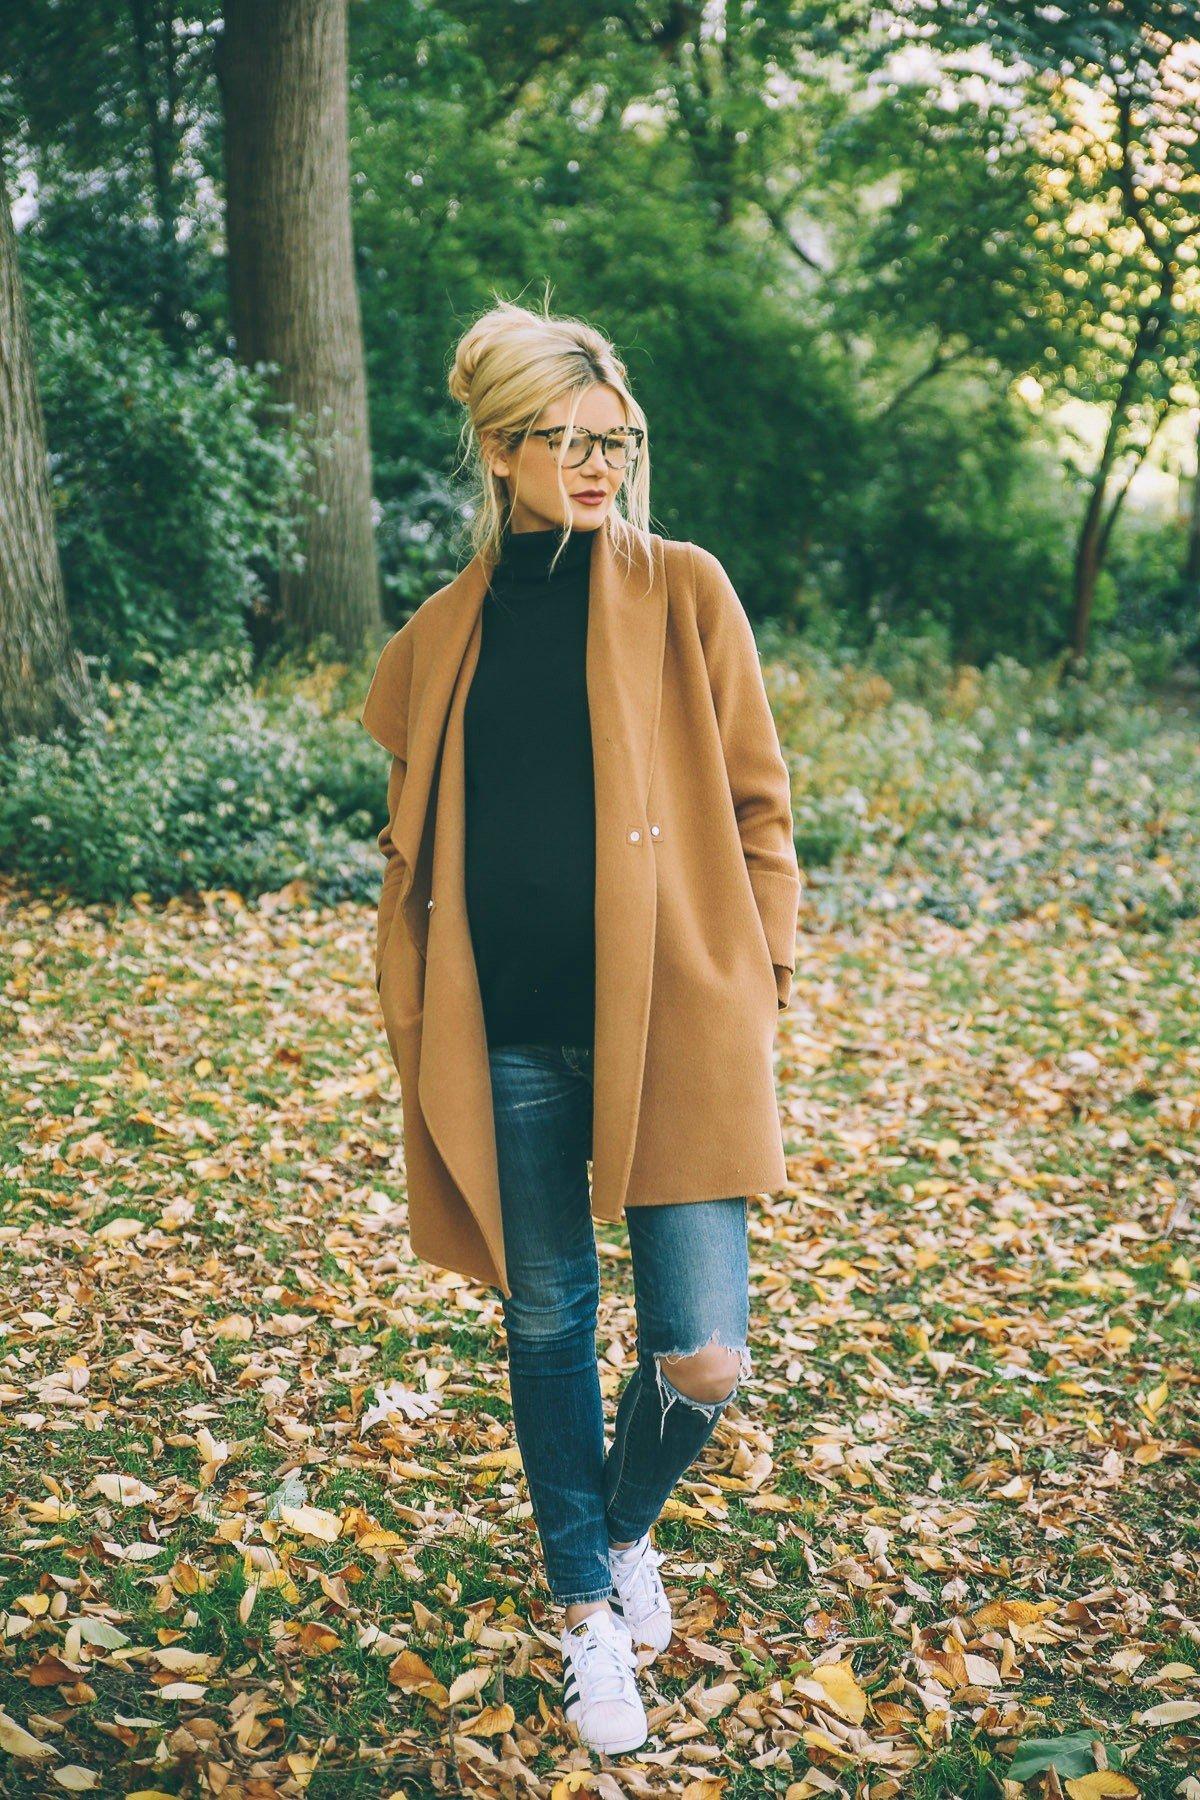 светло-коричневое пальто и рваные джинсы с чем носить